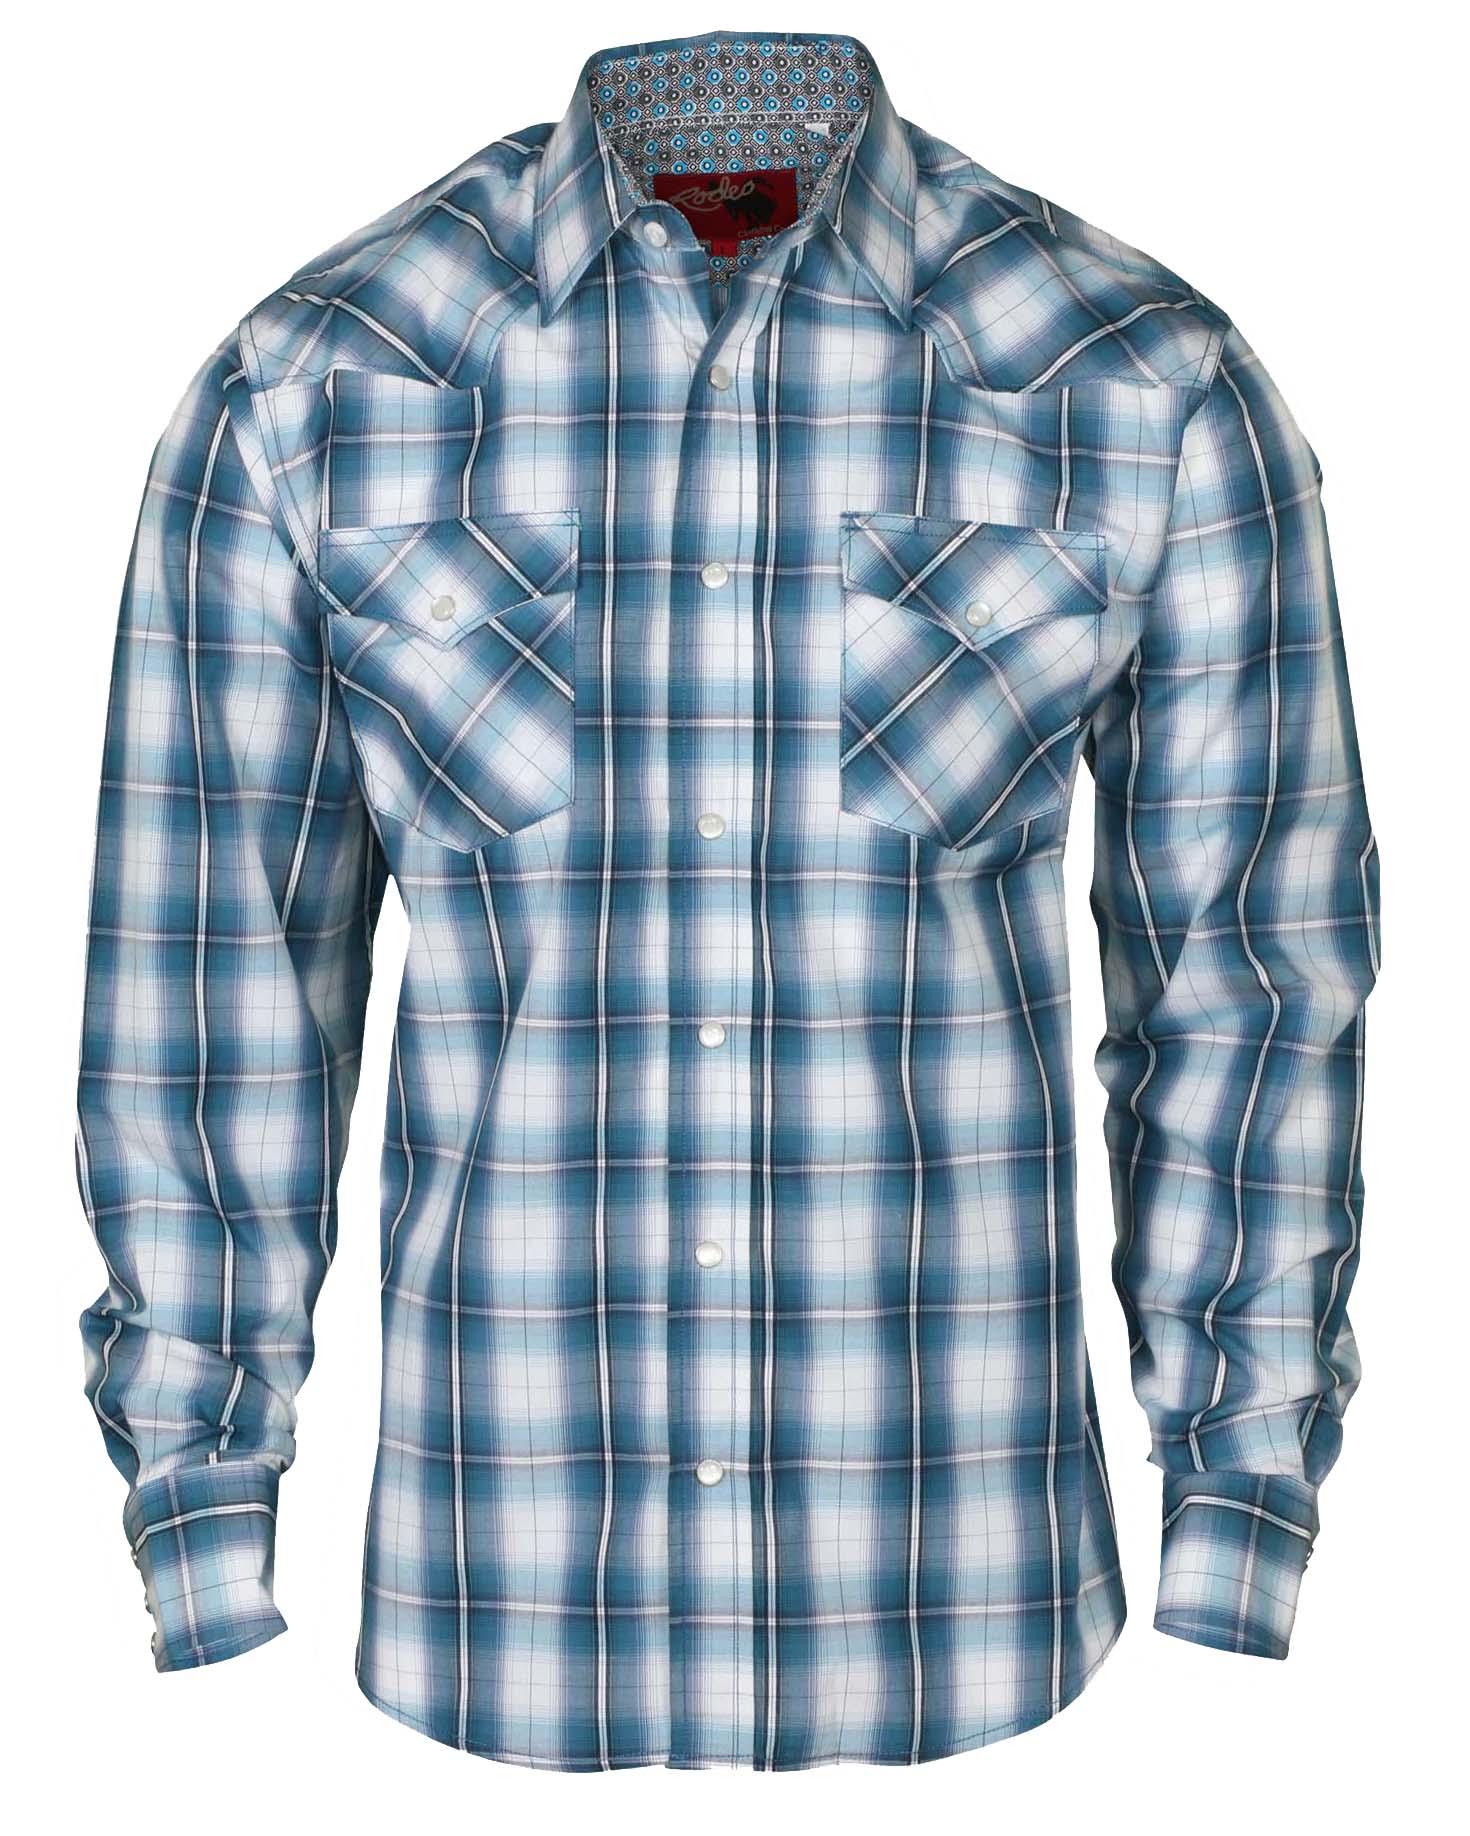 Short Sleeve Plaid Dress Shirt